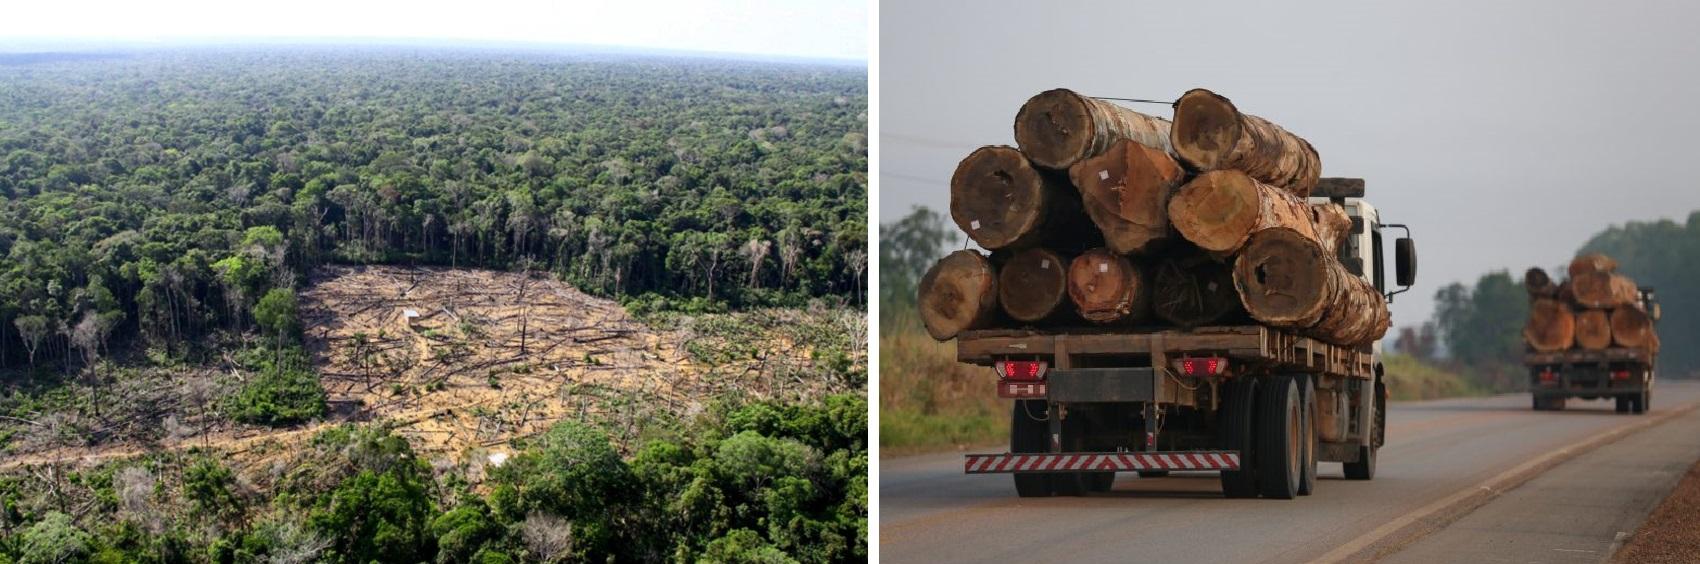 """""""Desmatamento mínimo aceitável"""" é inaceitável, Gen. Mourão!"""